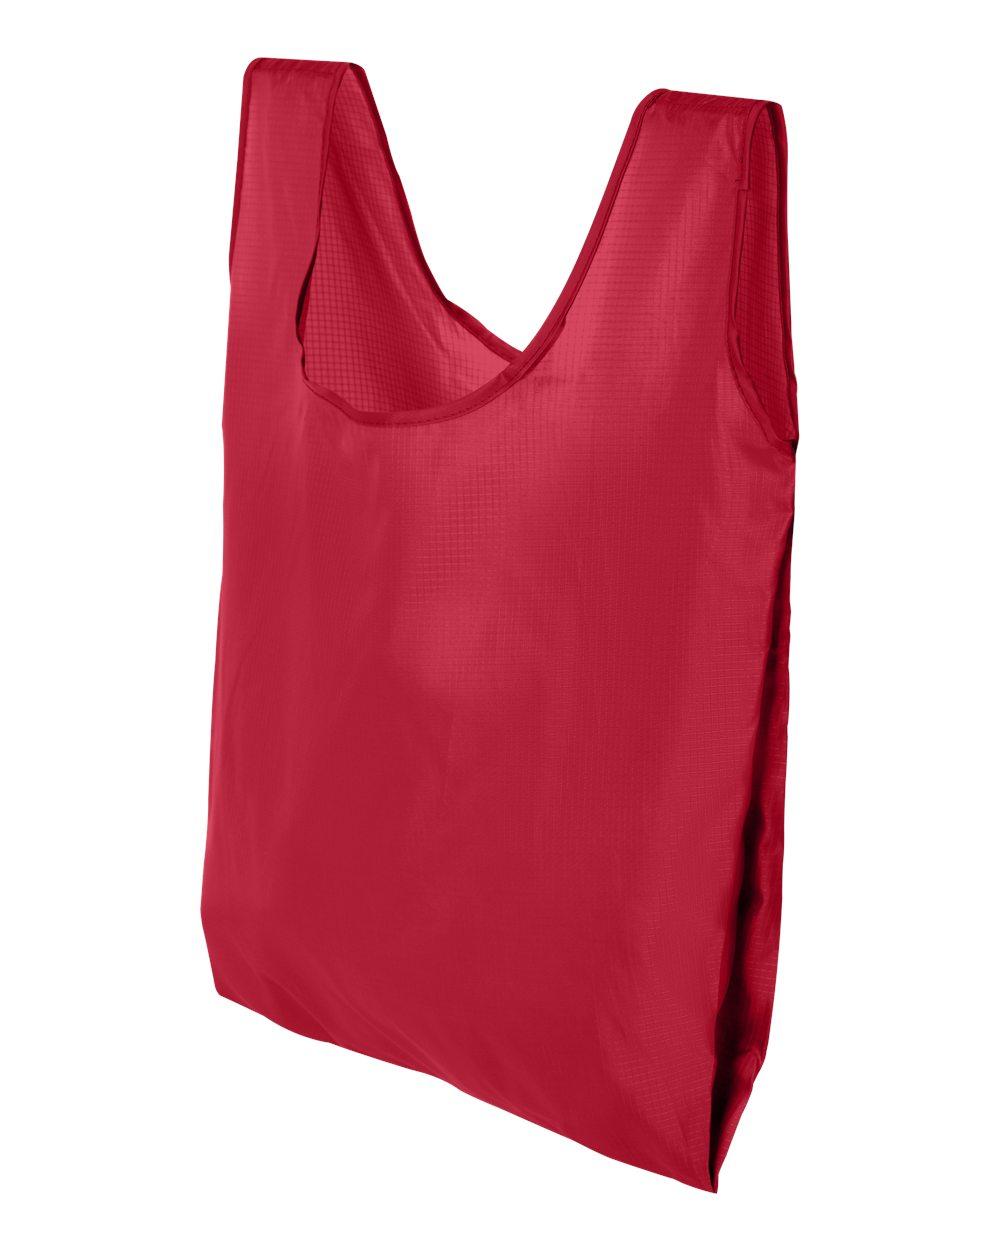 Top Shop Red Reusable Shopping